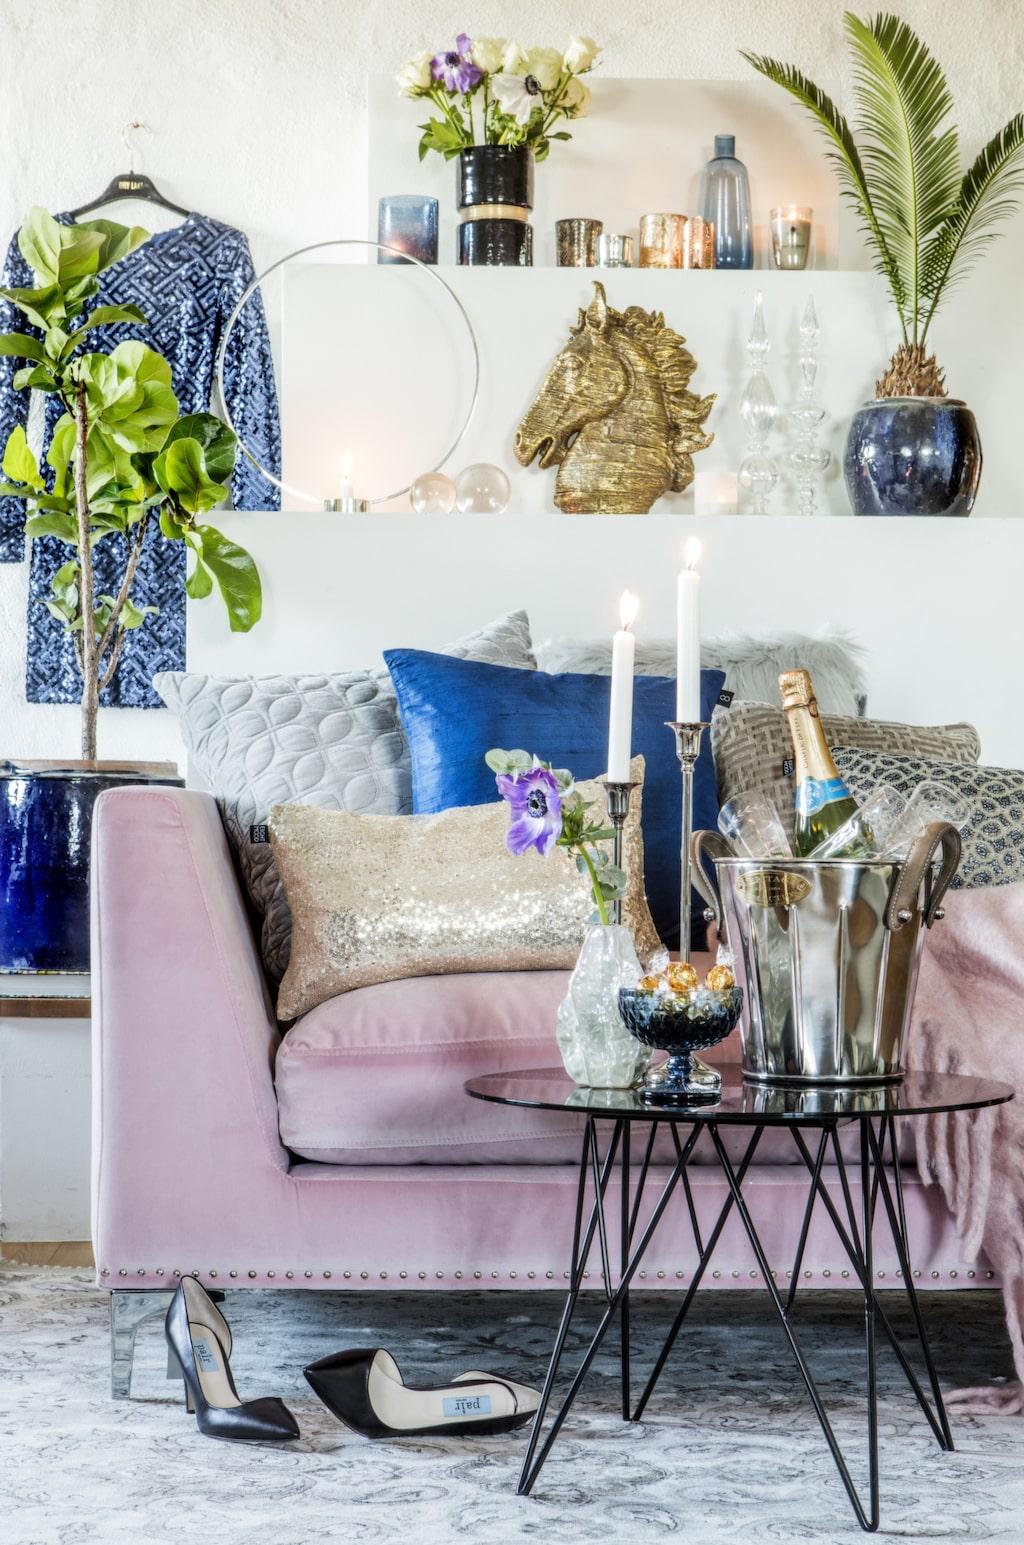 <p>Rosa divan, 13000 kronor, C/O home. Soffbord, 1295 kronor, Mio. Cirkelformad, försilvrad ljusstake Gloria, 1 200 kronor, Klong. Klicka på plustecknet i bilden för att handla i LEVA&amp;BO:s webbutik!<br></p>